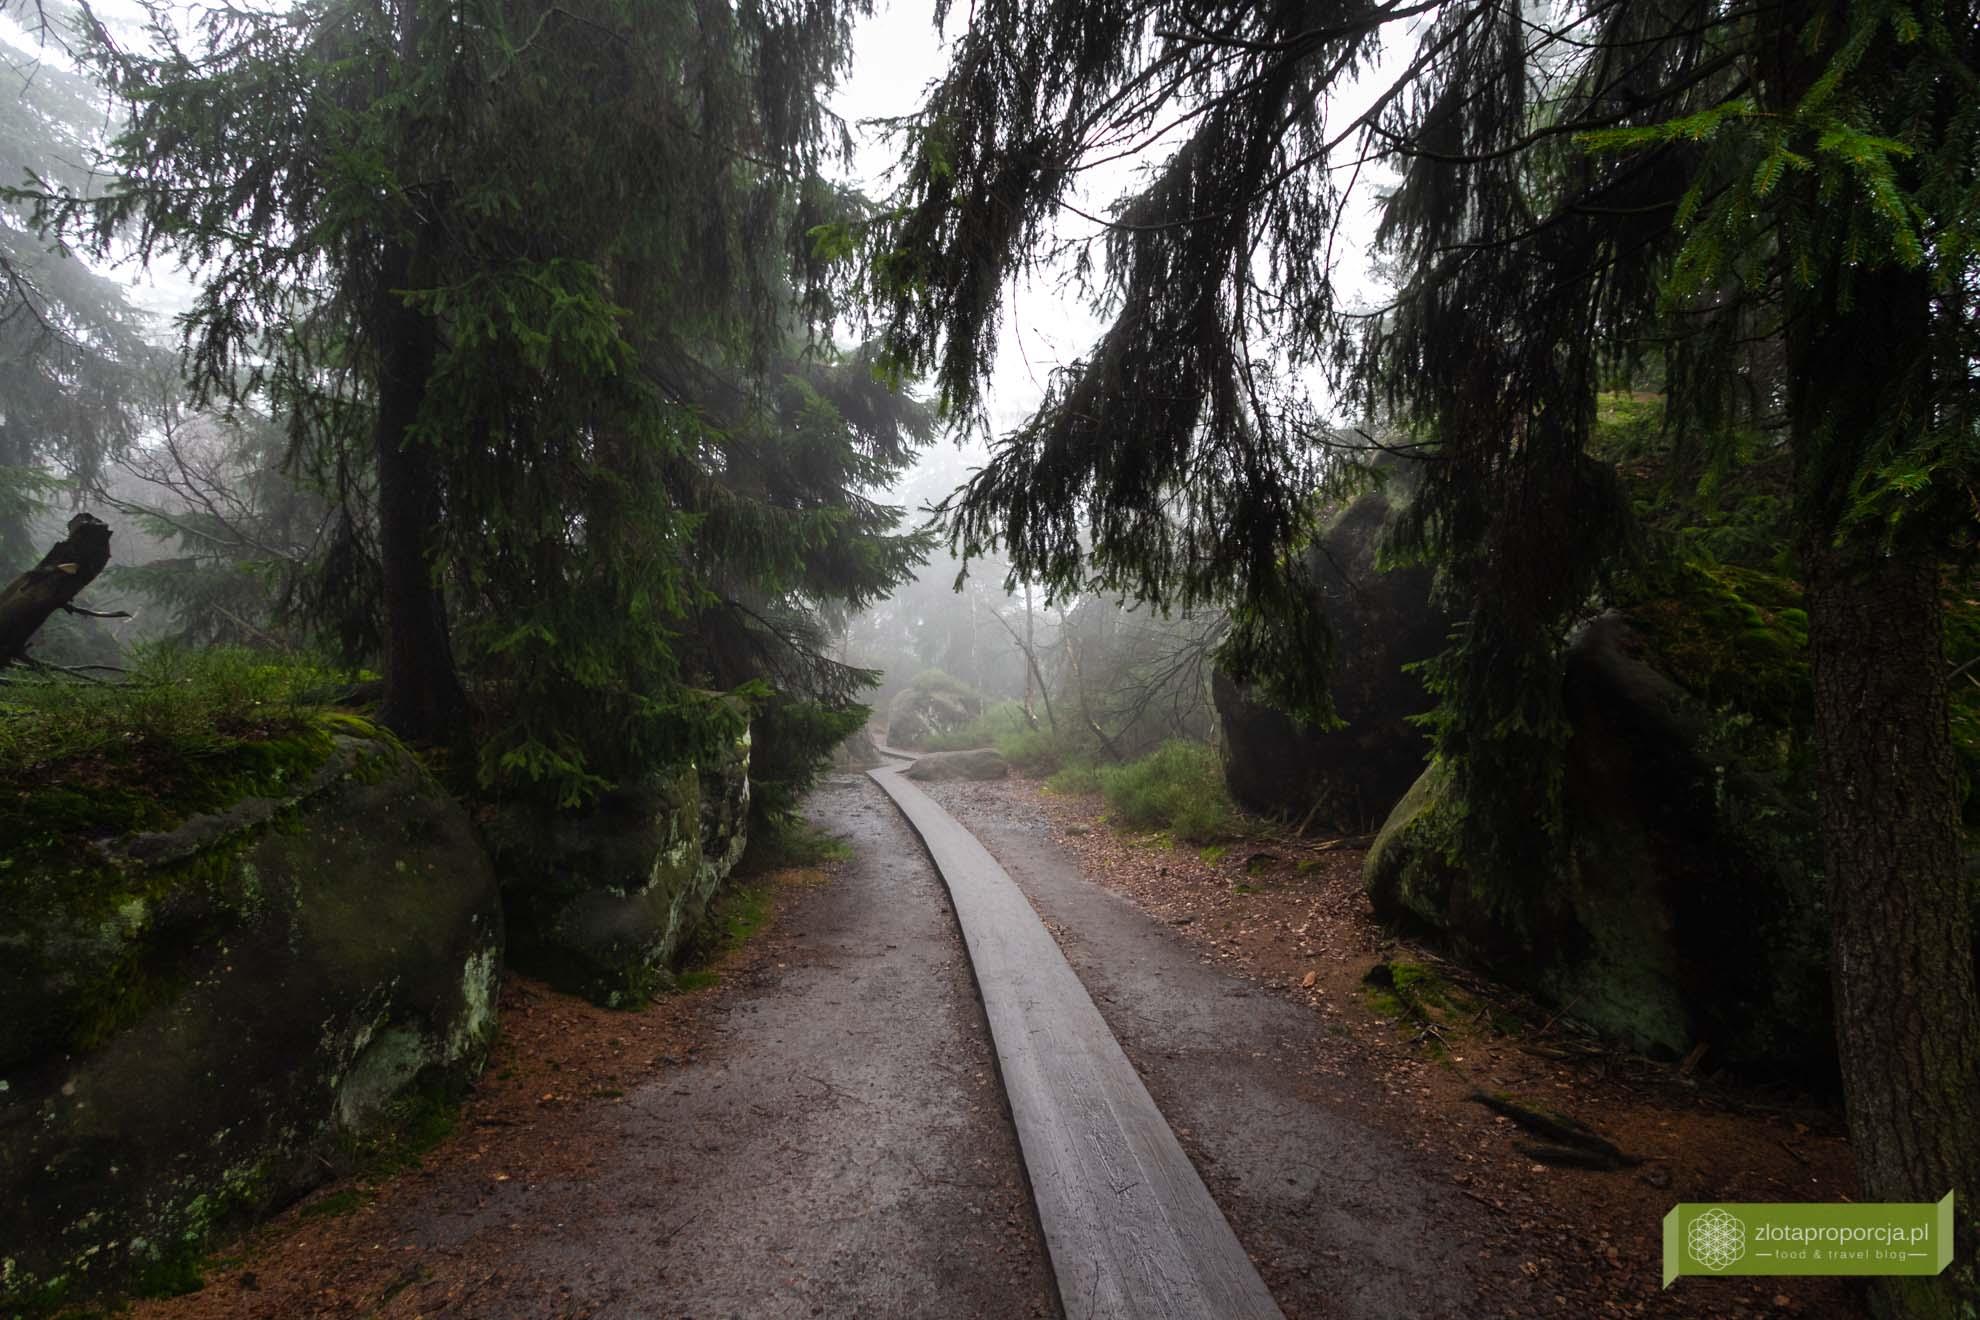 Góry Stołowe Dolny Śląsk; Góry Stołowe szlaki; Góry Stołowe atrakcje; Szczeliniec;